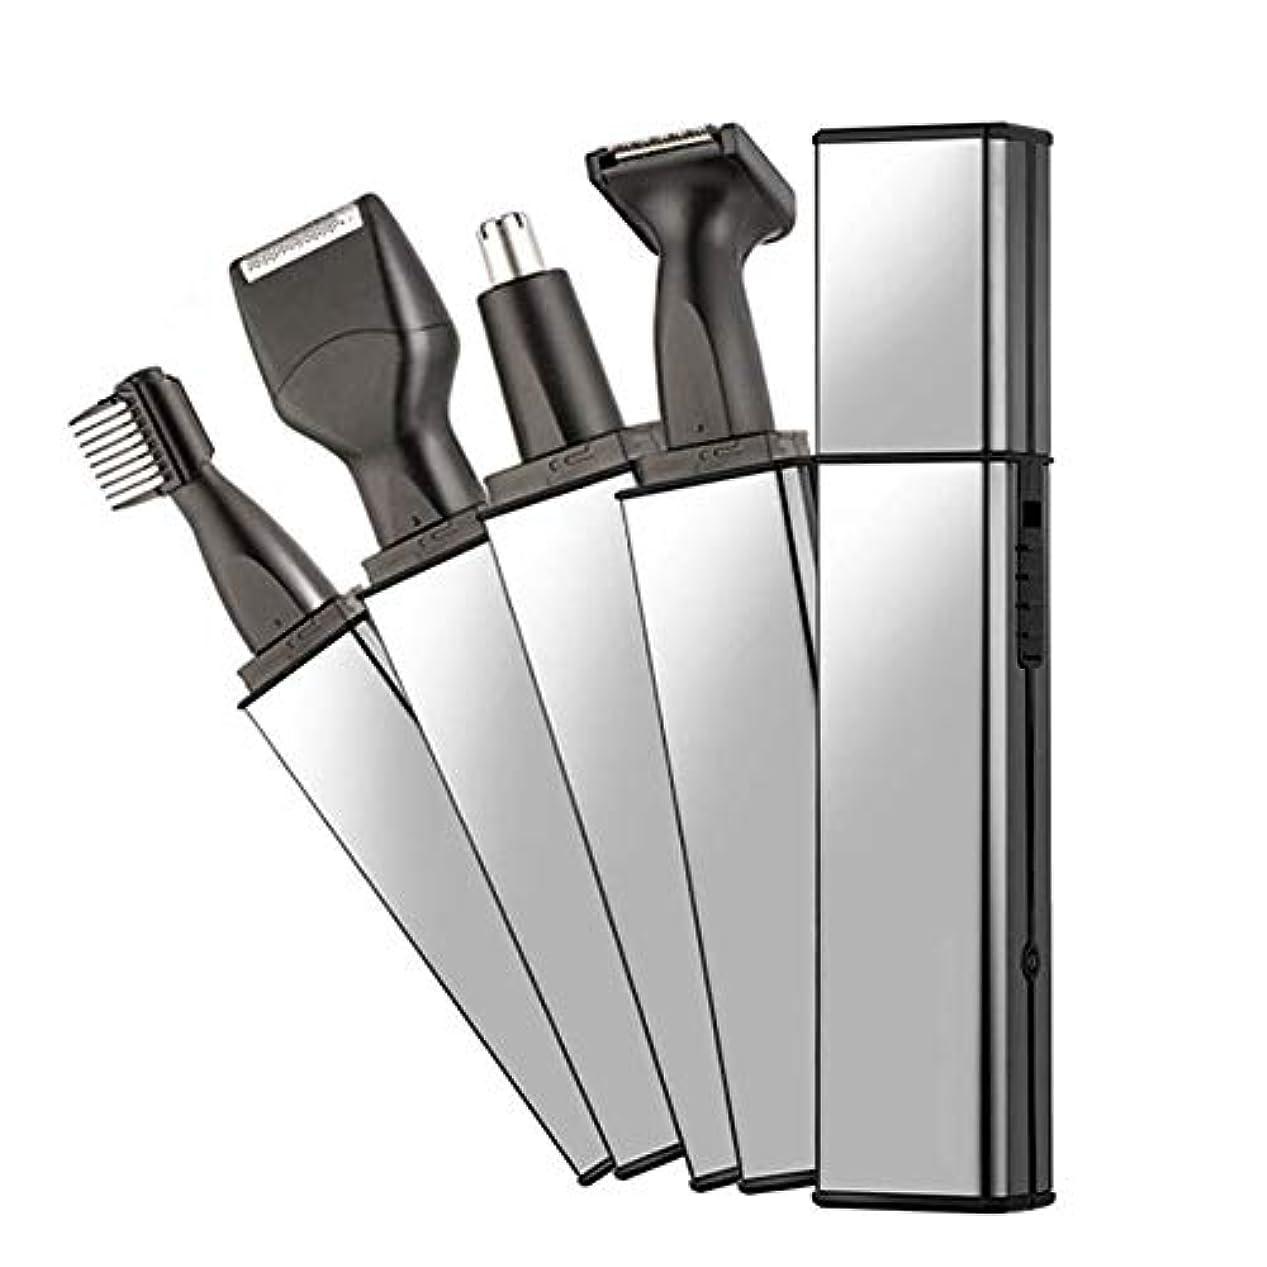 浮浪者日光の(イスイ) YISHUI シェーバー 超軽量 4イン1多機能 耳毛 ヒゲ たてがみ 眉毛シェーバー 鼻毛切り 水洗い可 スタンド付き 収納ポケット付き 携帯便利 安全にお手入れ 男女兼用 USB充電